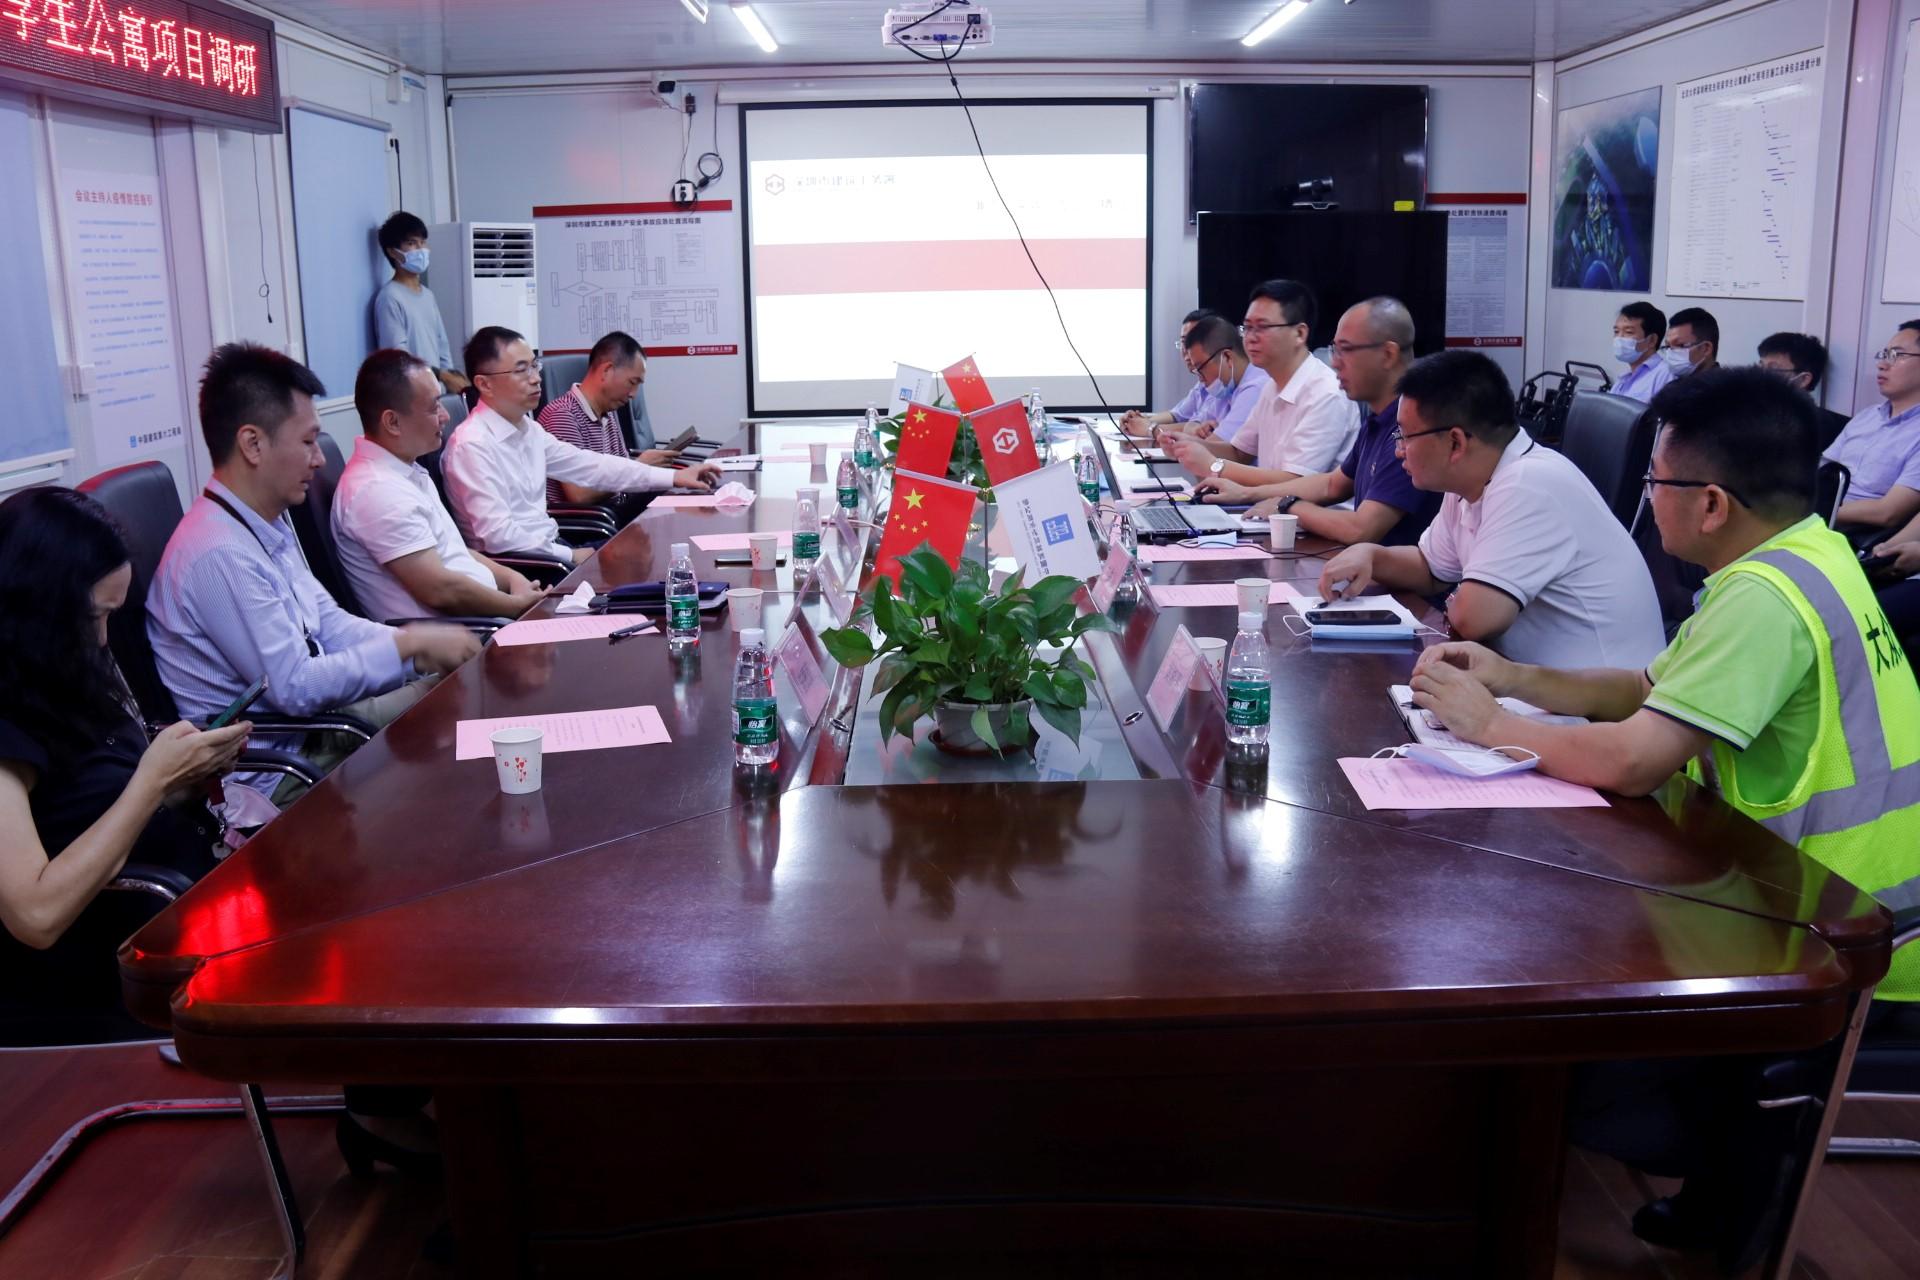 深圳市建筑工务署领导现场调研并推进燕园6号工作进展